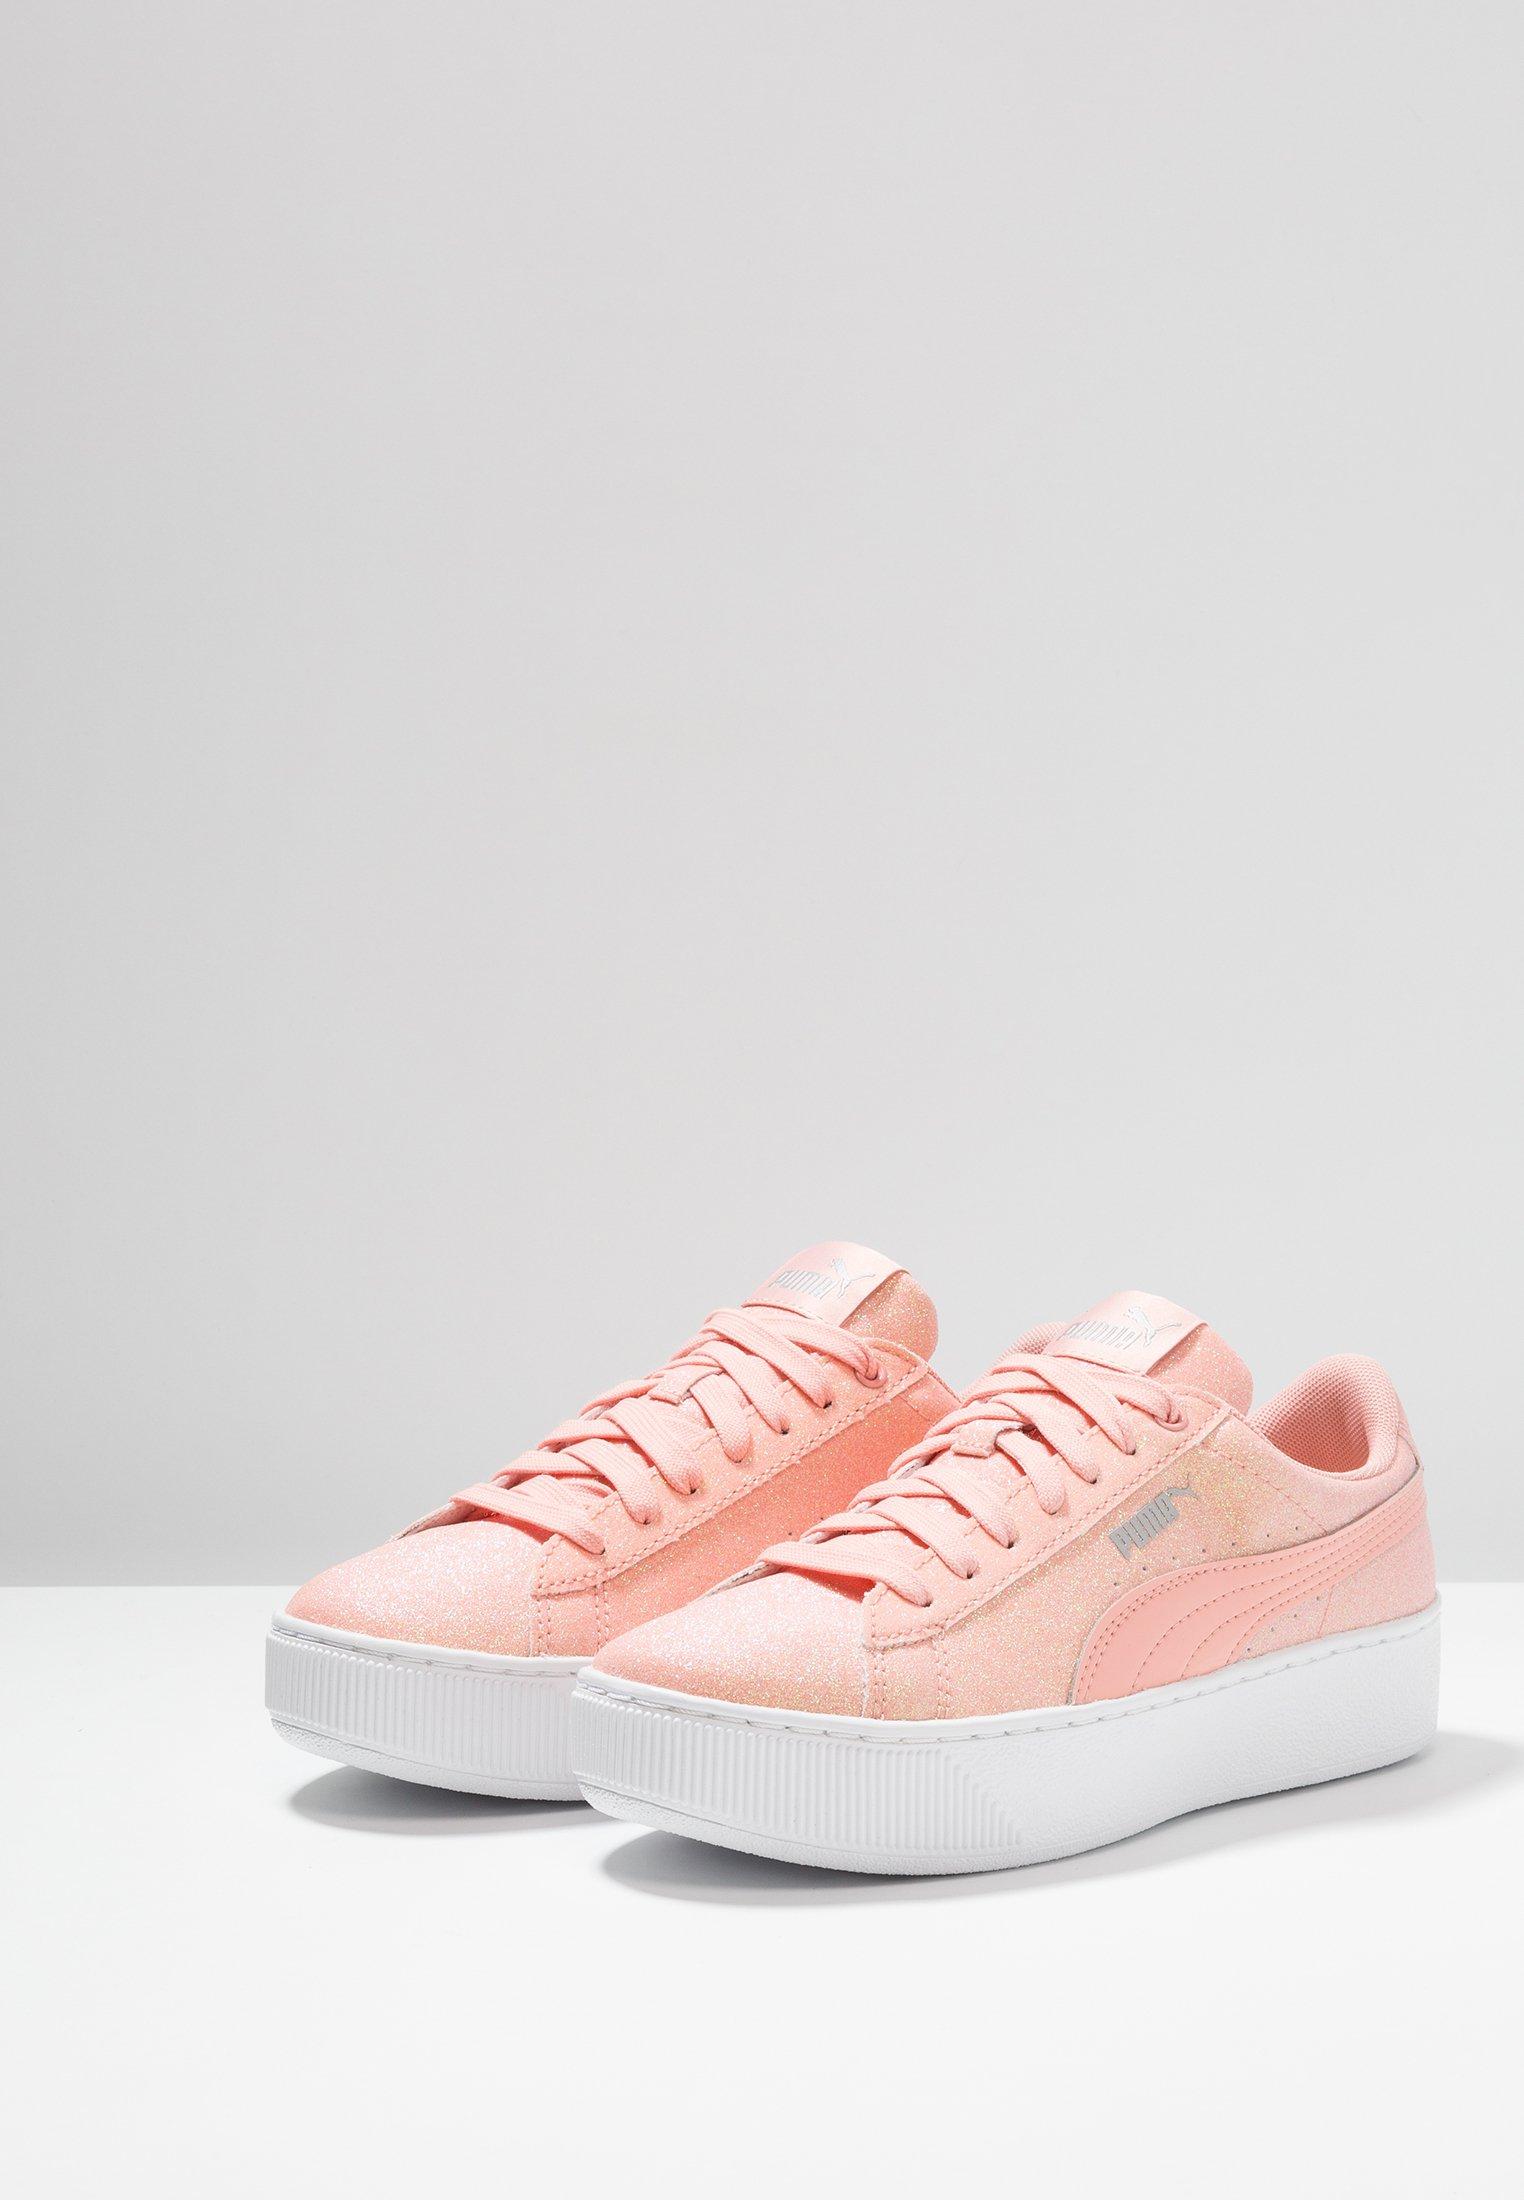 Puma VIKKY PLATFORM GLITZ - Sneaker low - peach bud - Zalando.de